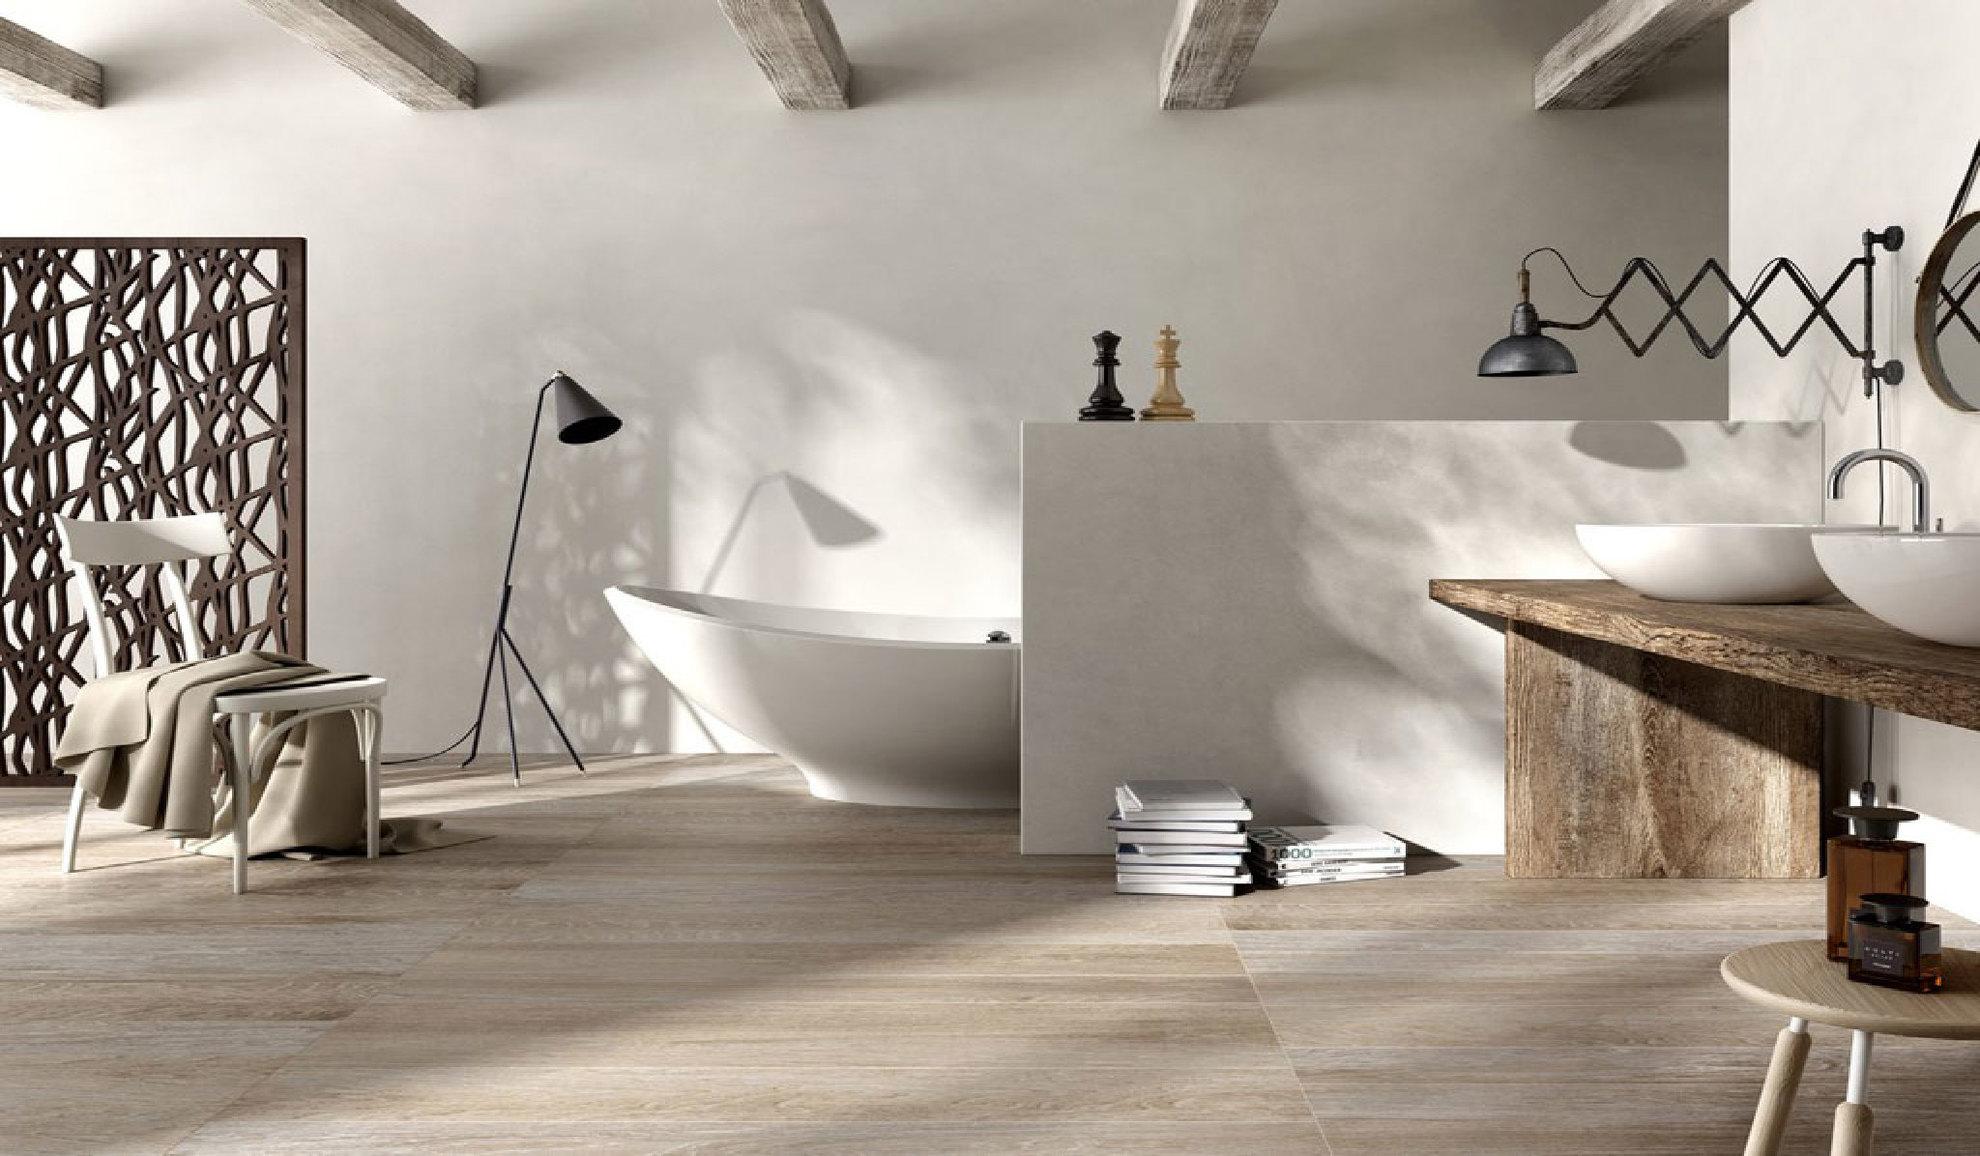 Piastrelle in gres effetto legno per ambienti interni ed esterni floornature - Piastrelle per interni ...